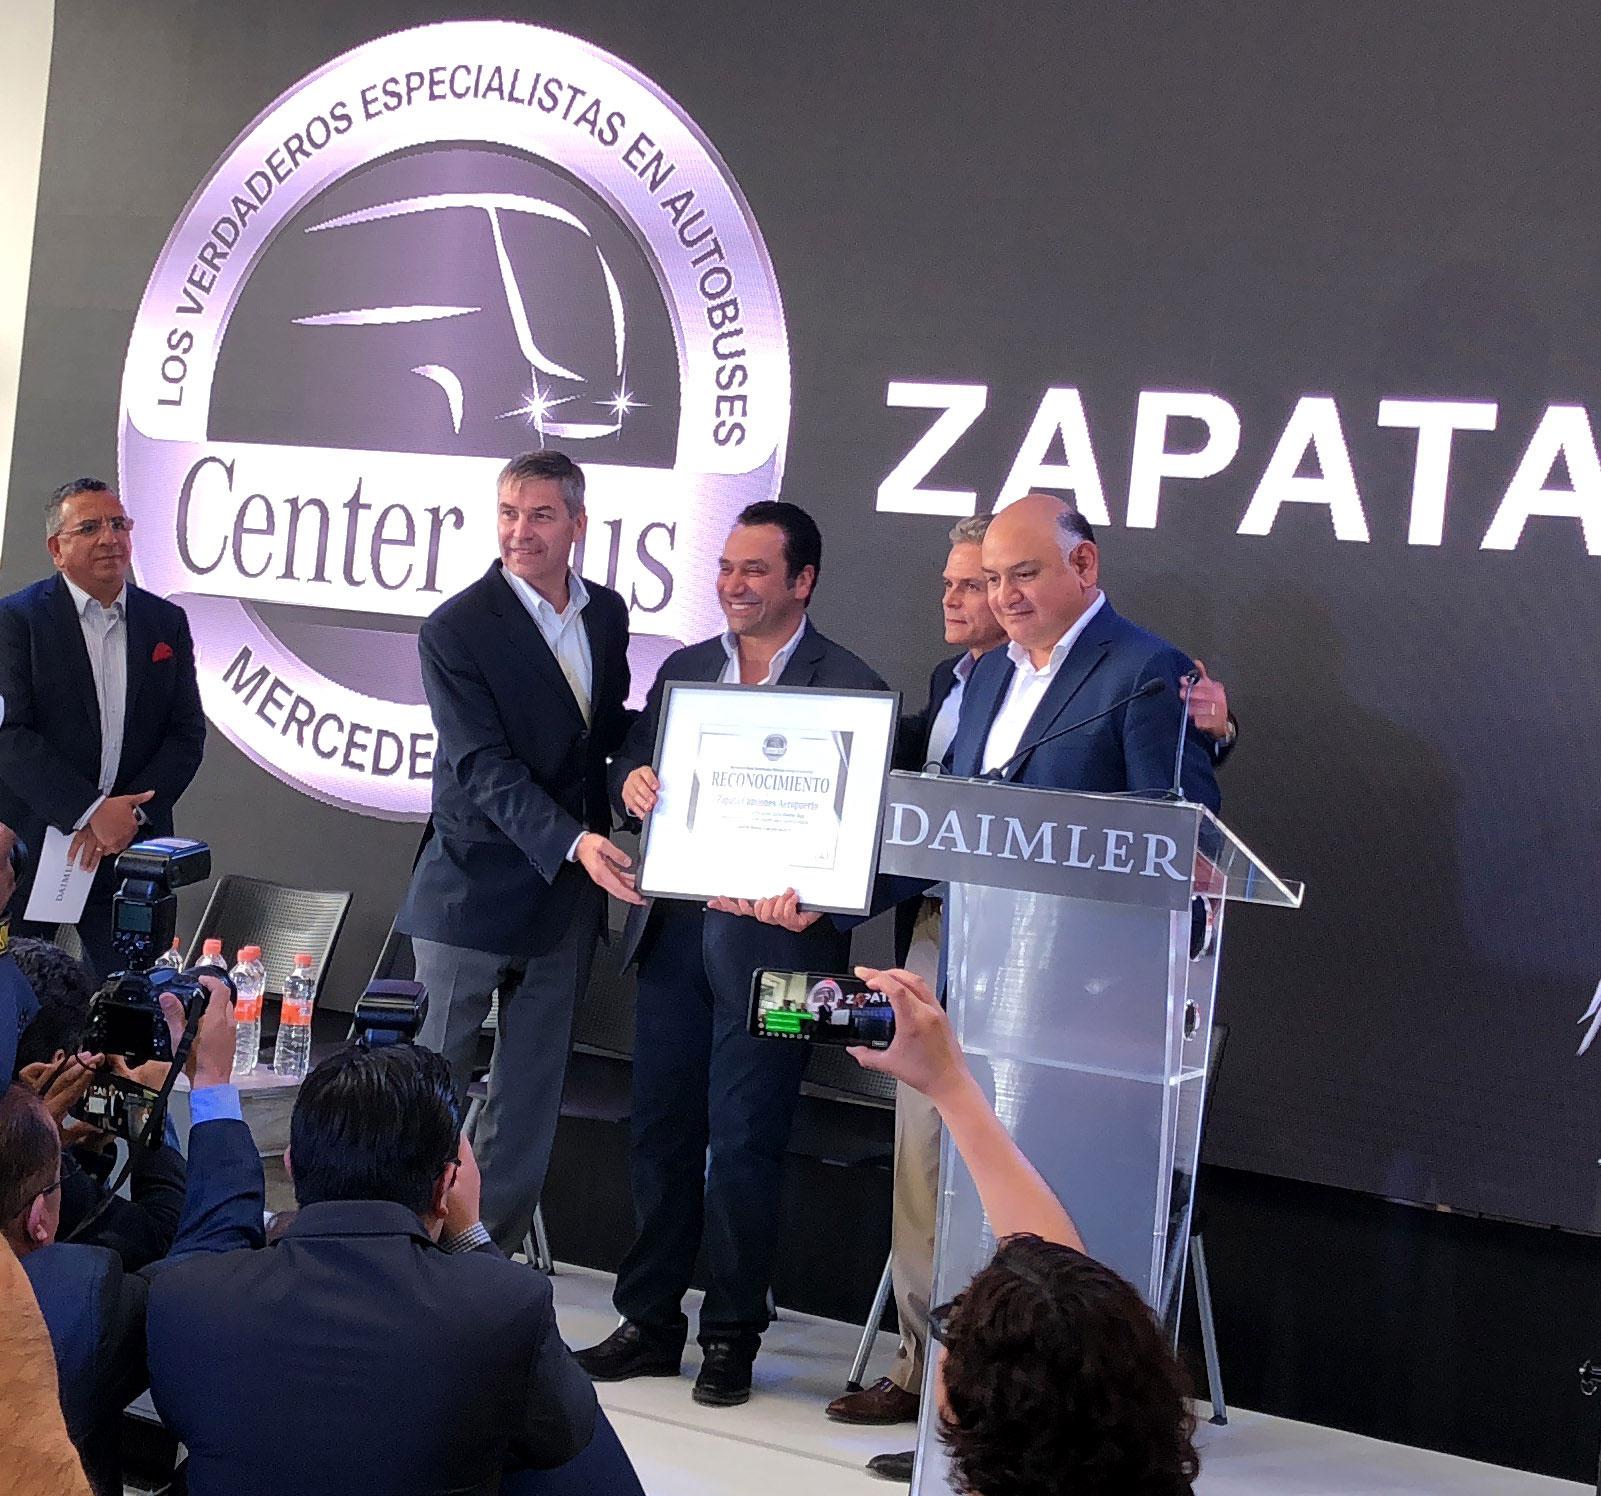 Mercedes-Benz Autobuses y Zapata Camiones inauguran nuevo Center Bus Aeropuerto